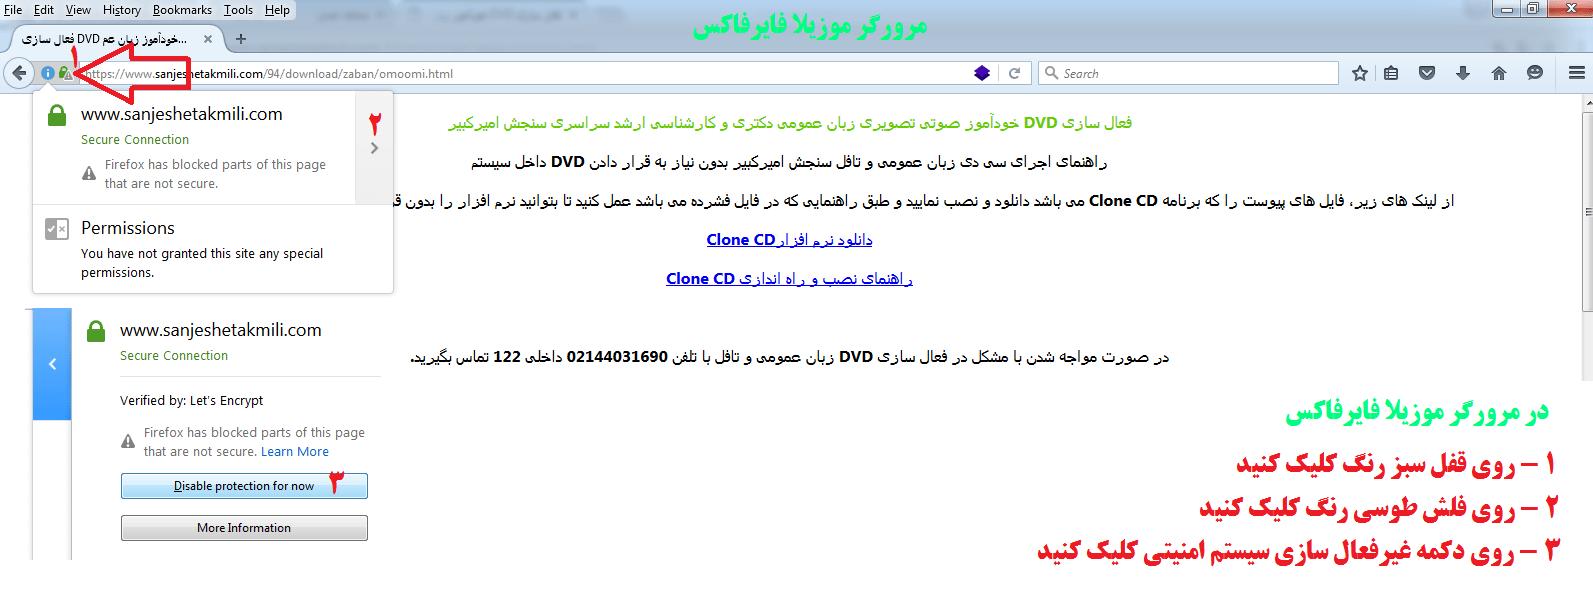 نمایش فرم فعال سازی دی وی دی زبان سنجش امیرکبیر در مرورگر موزیلا فایرفاکس